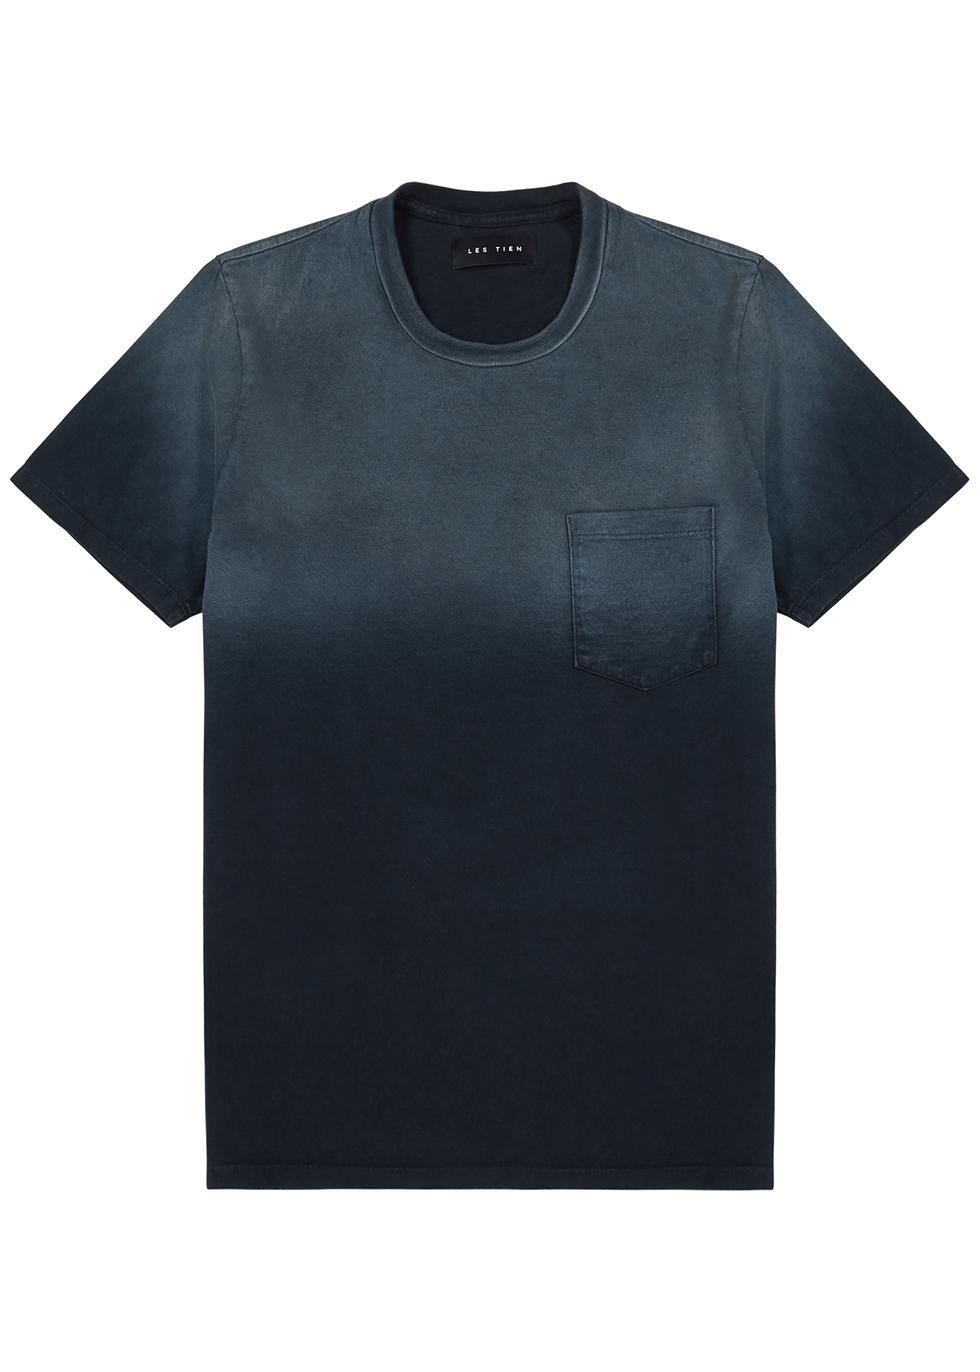 Navy dégradé cotton T-shirt